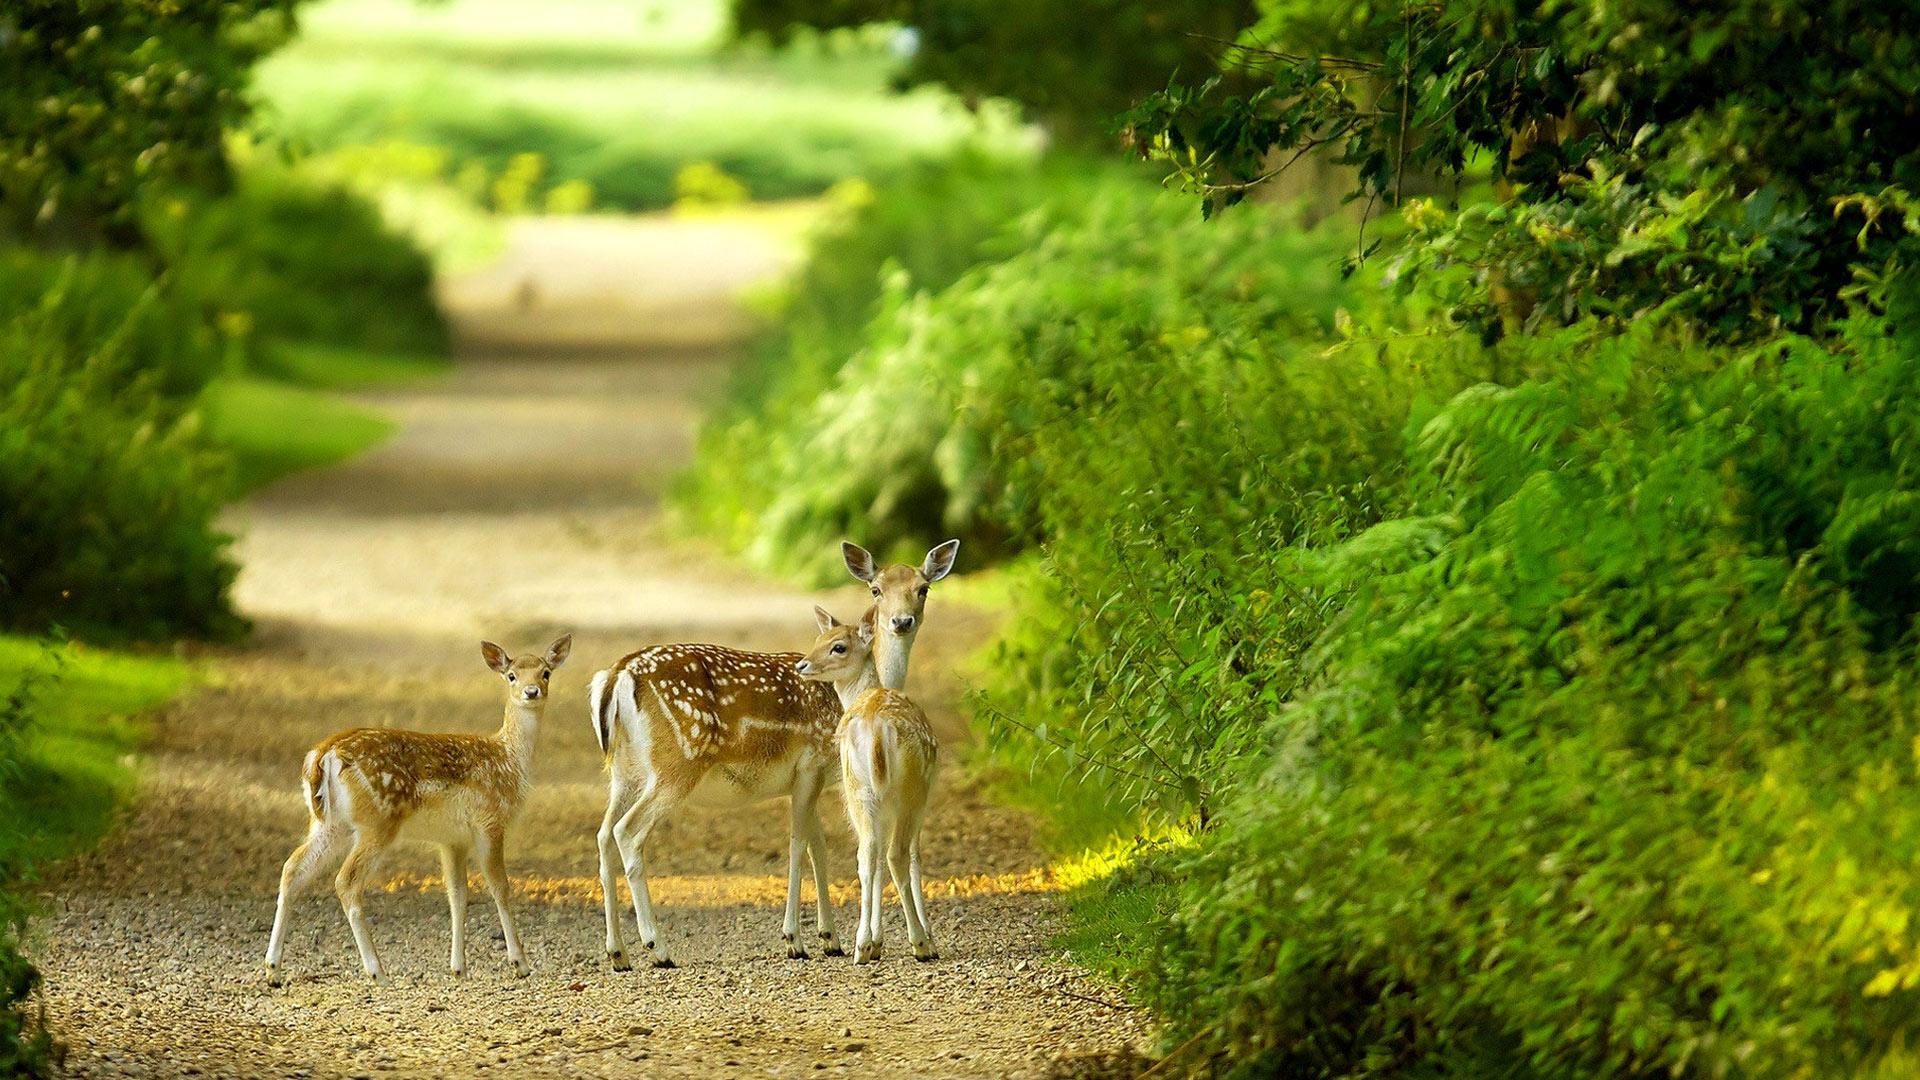 Free Download Beautiful Baby Deer Green Nature Hd Wallpaper